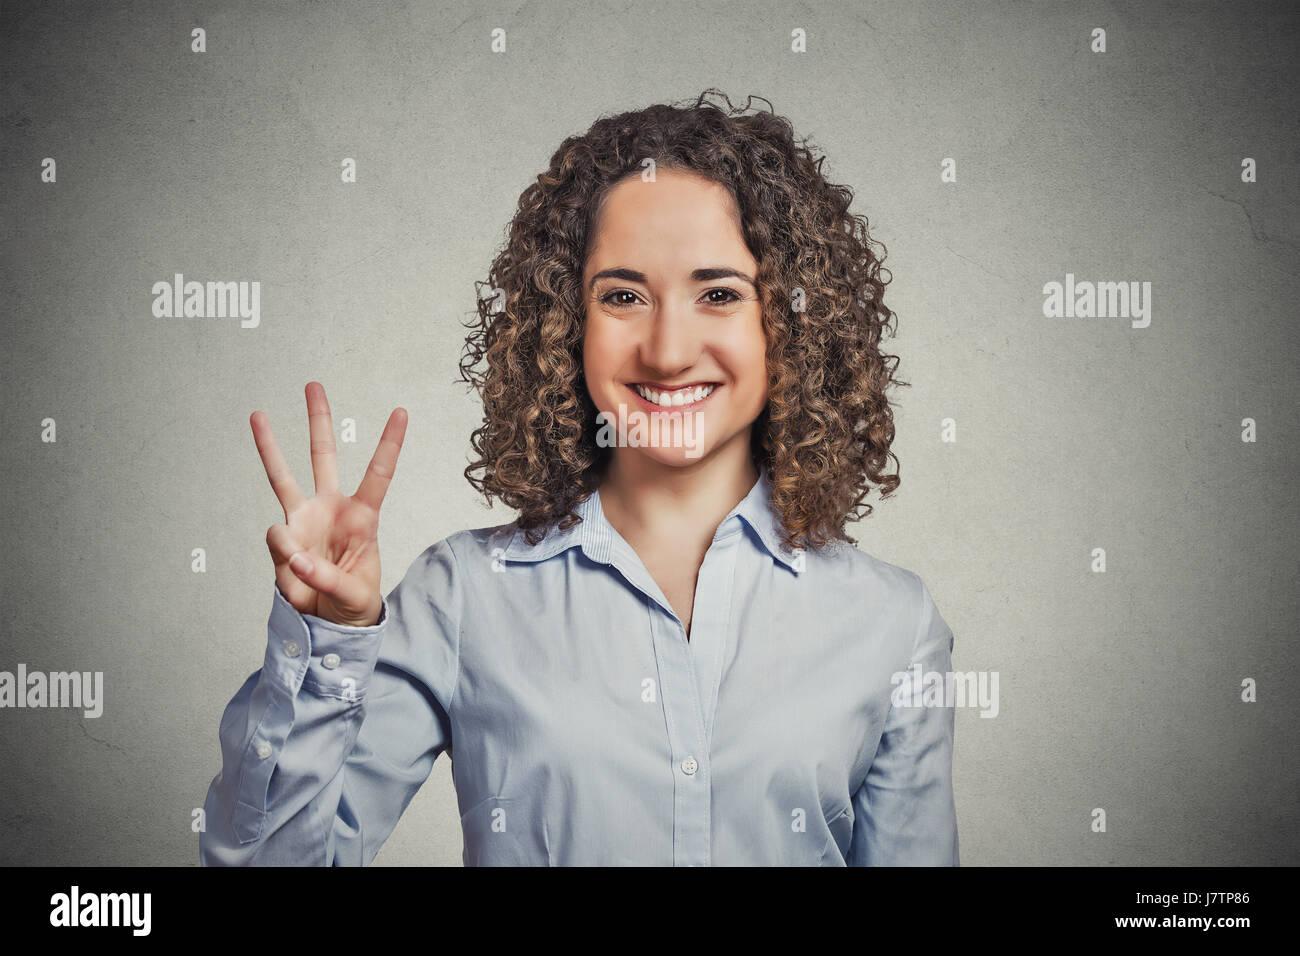 Closeup portrait jeune femme les cheveux bouclés en donnant trois doigts inscription mur gris isolé geste Photo Stock